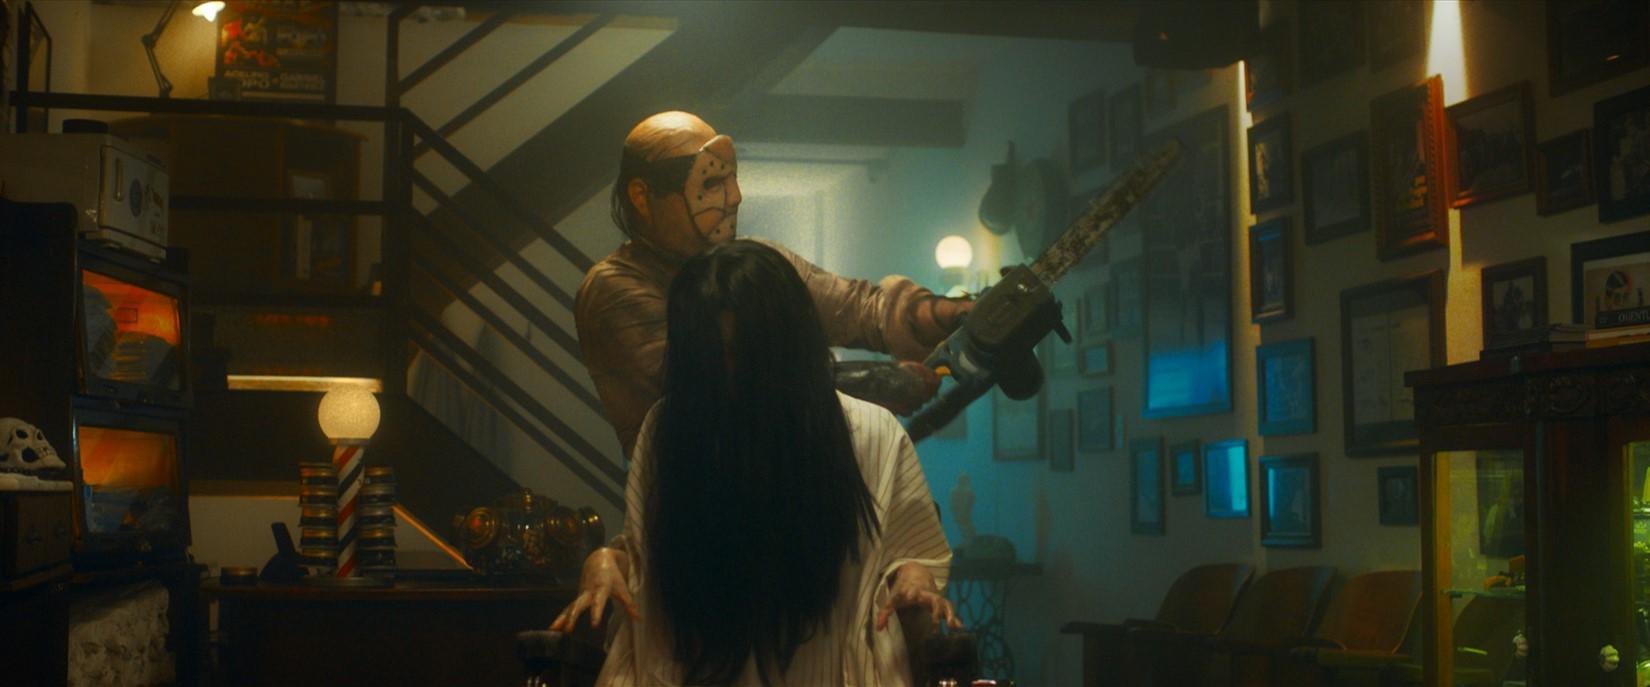 Dentro de uma casa, um rapaz com uma moto-serra e uma menina com o rosto coberto pelos cabelos